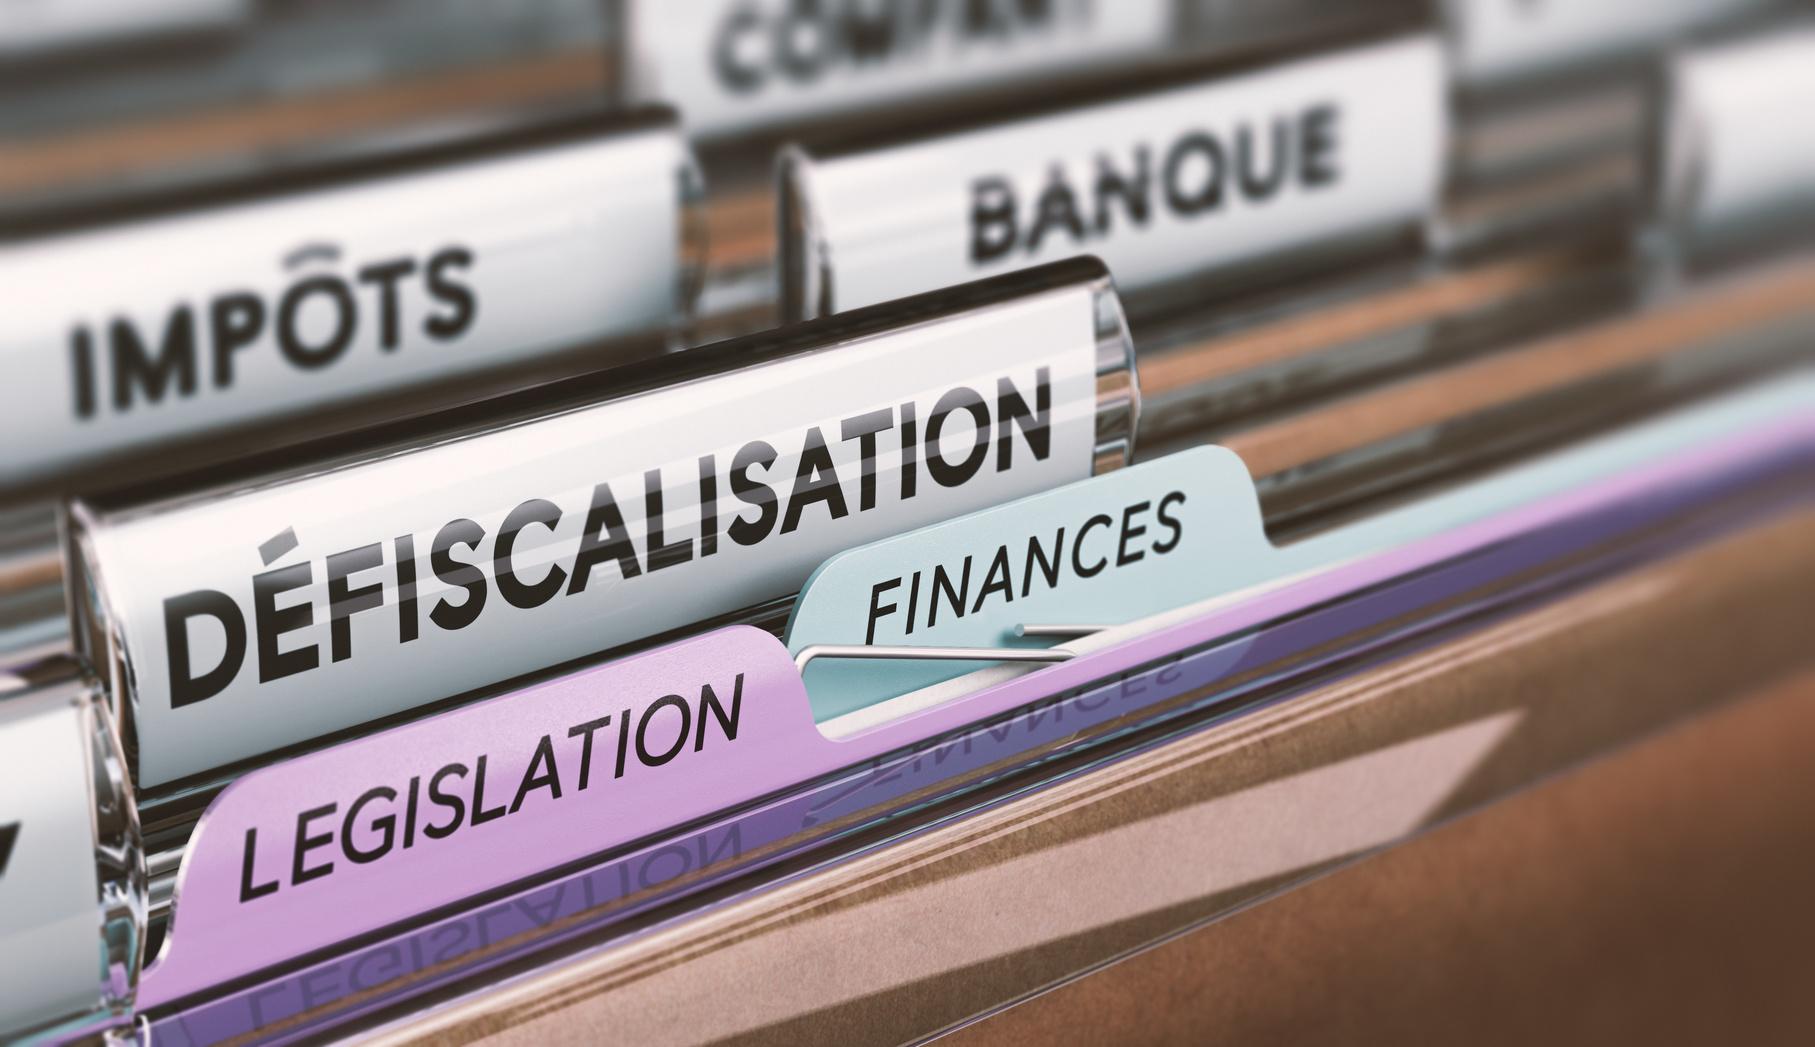 Comment fonctionne la défiscalisation immobilière ?